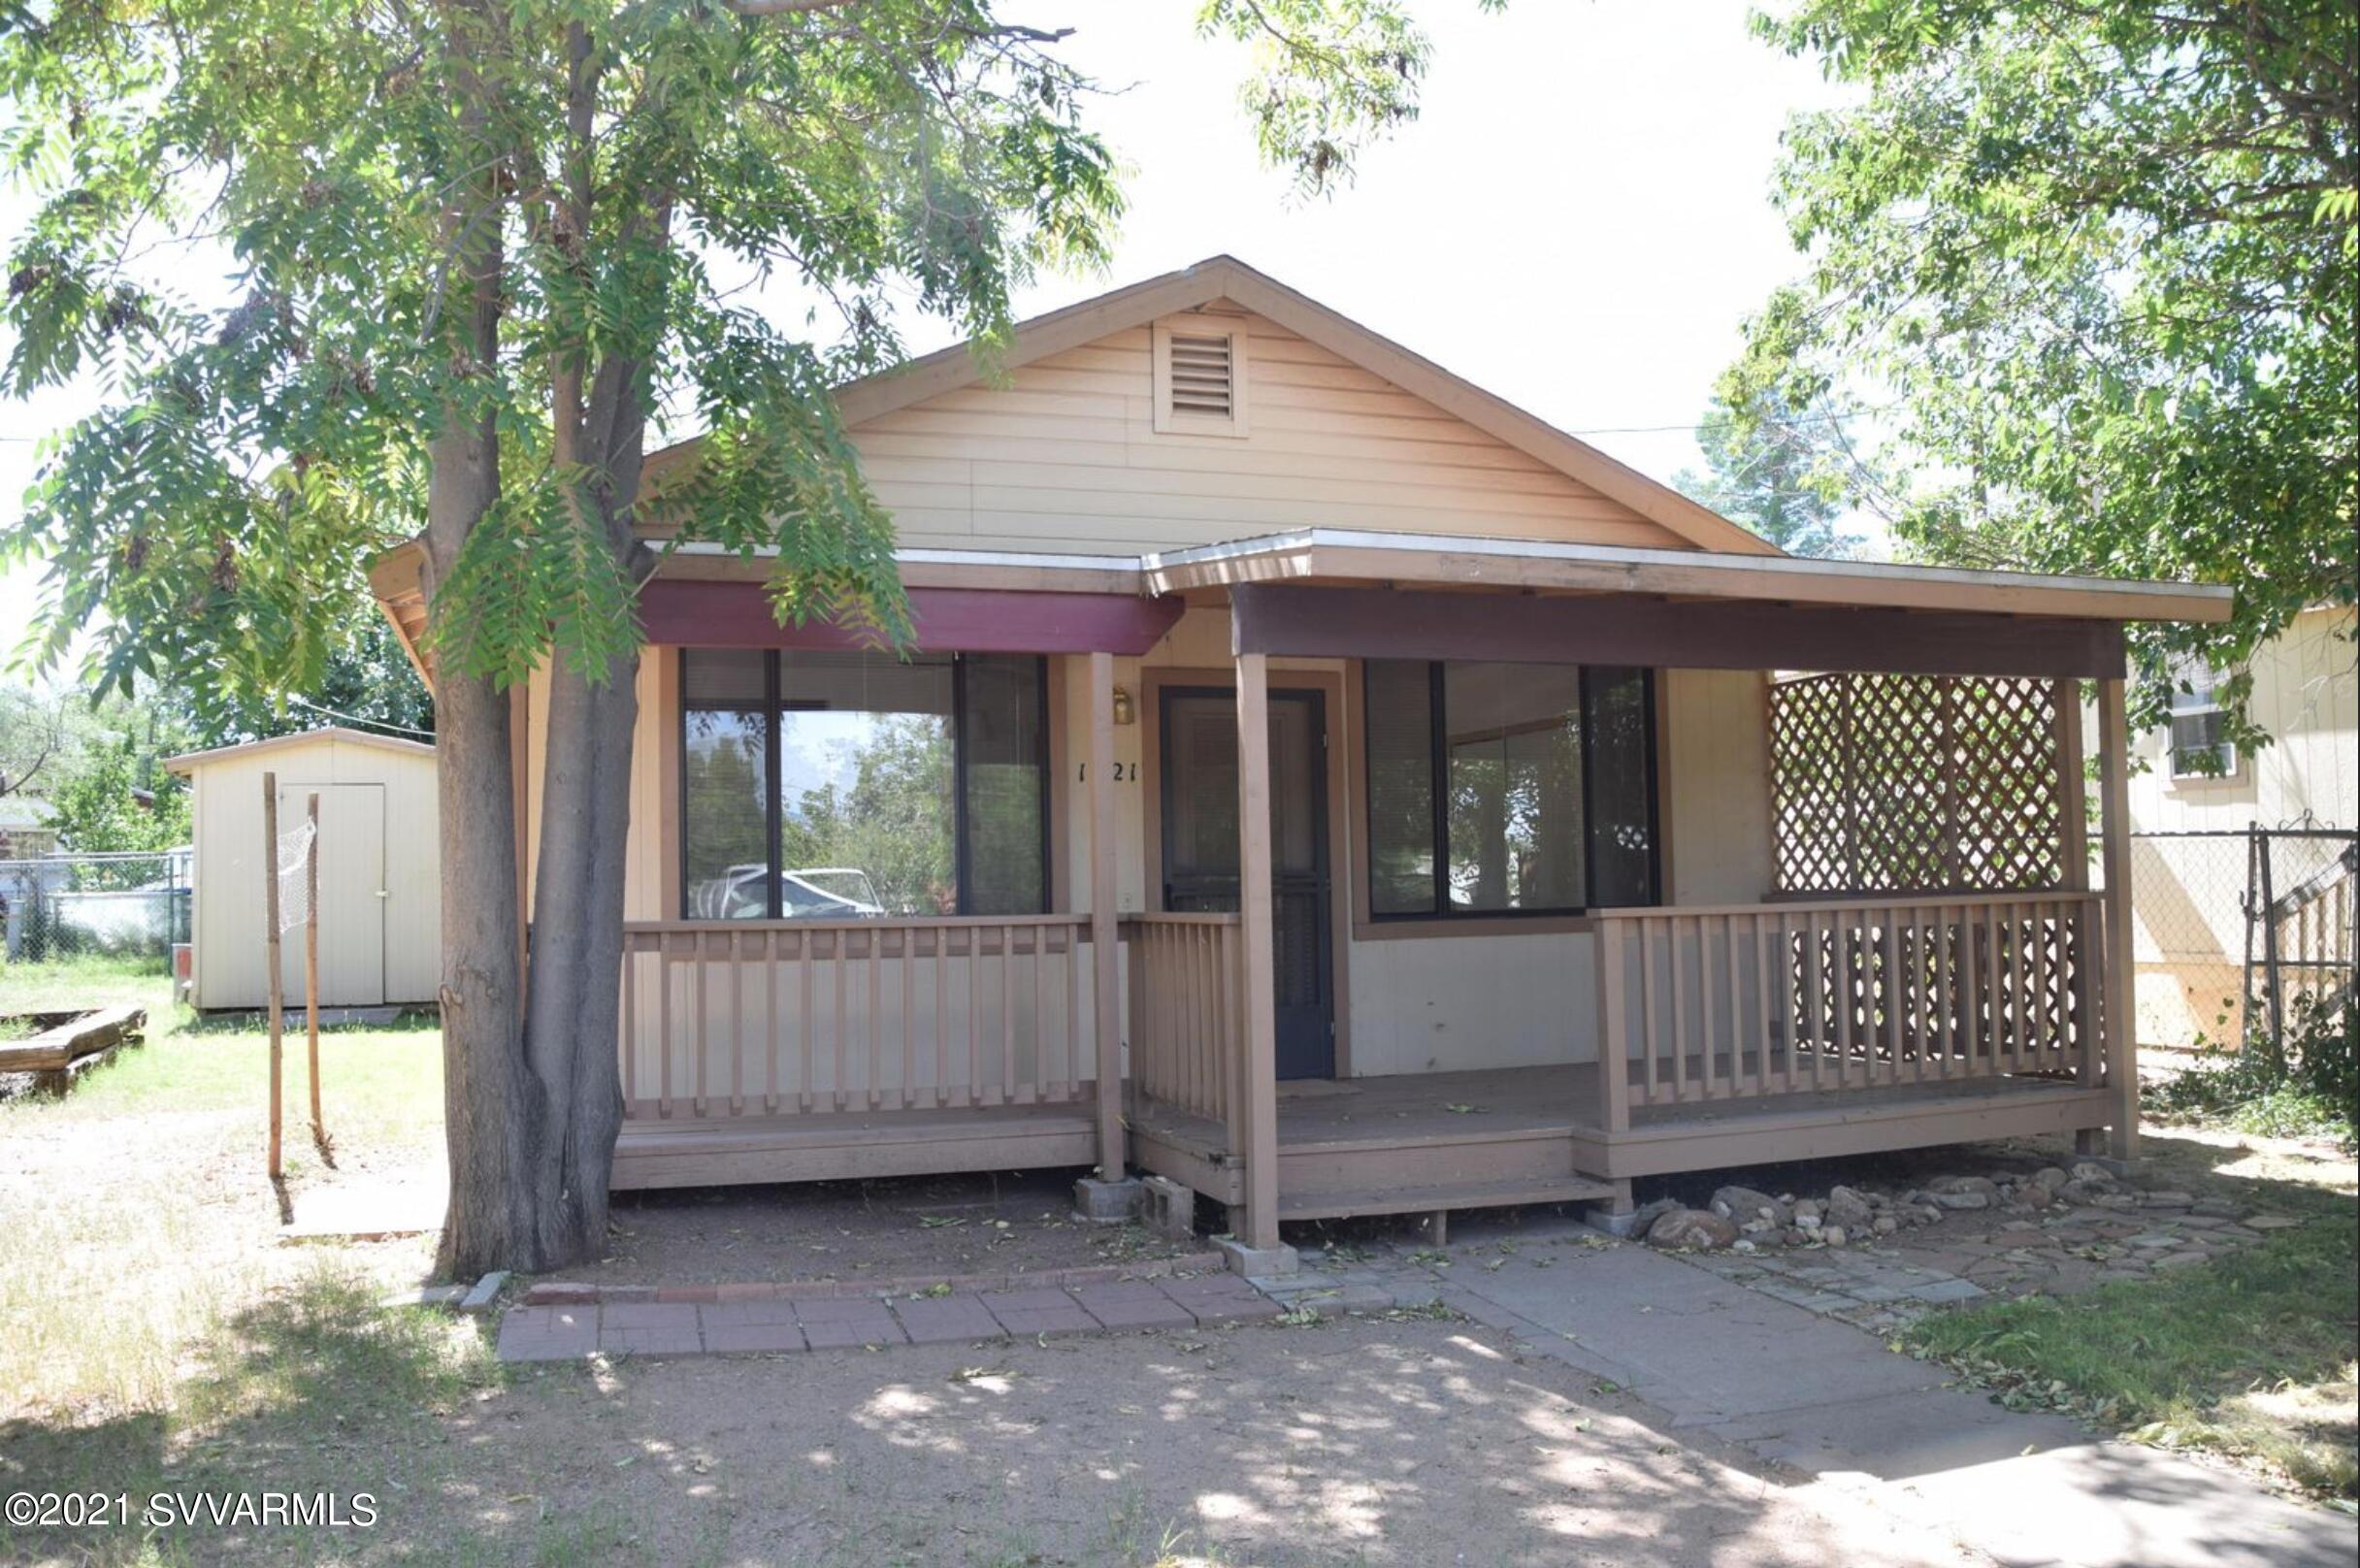 1221 E Coconino St Cottonwood, AZ 86326